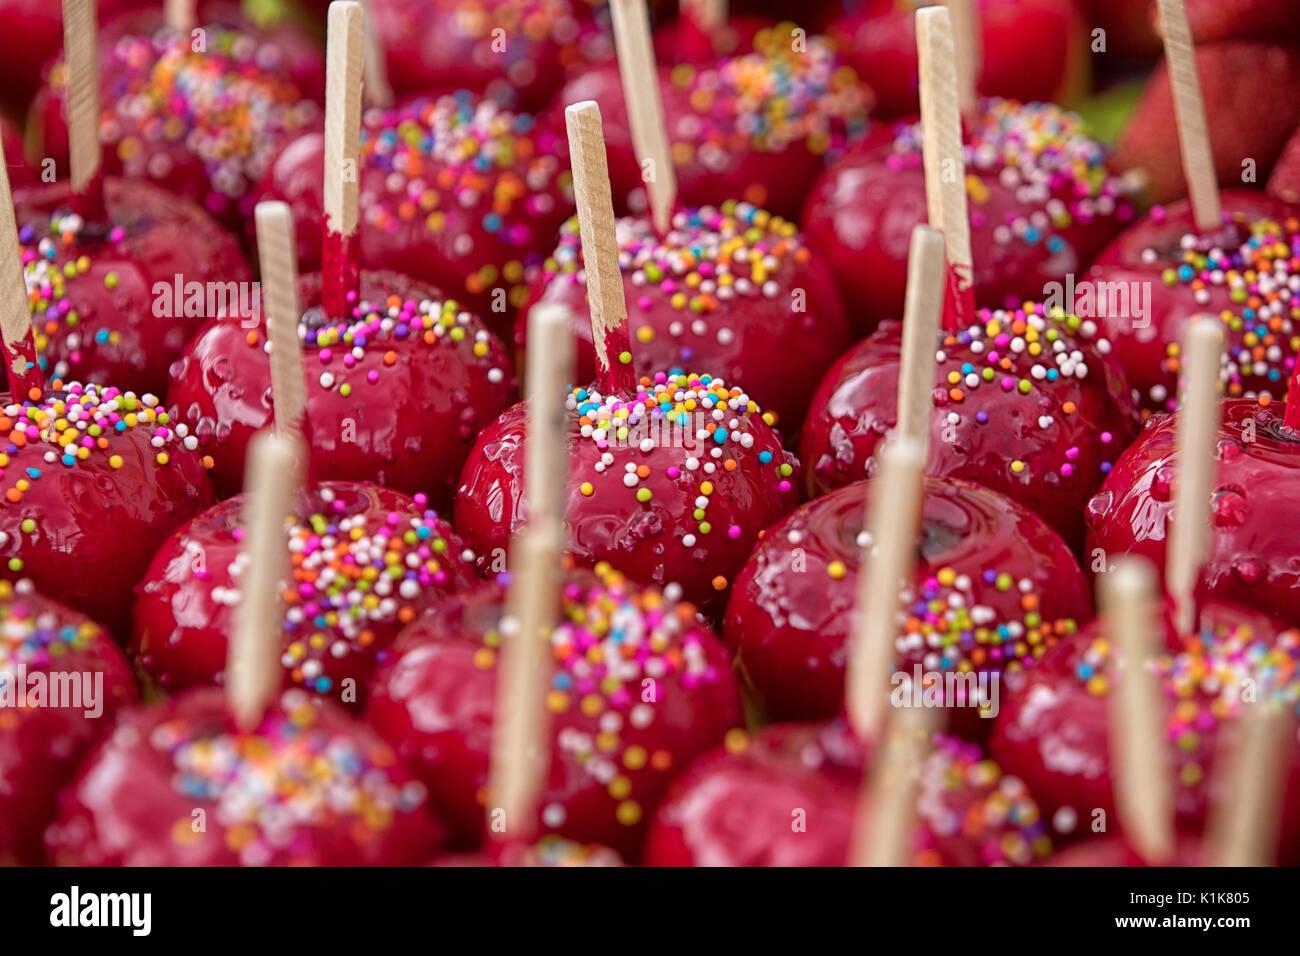 Las manzanas recubiertas de colorido glaseado de azúcar en Ecuador Imagen De Stock